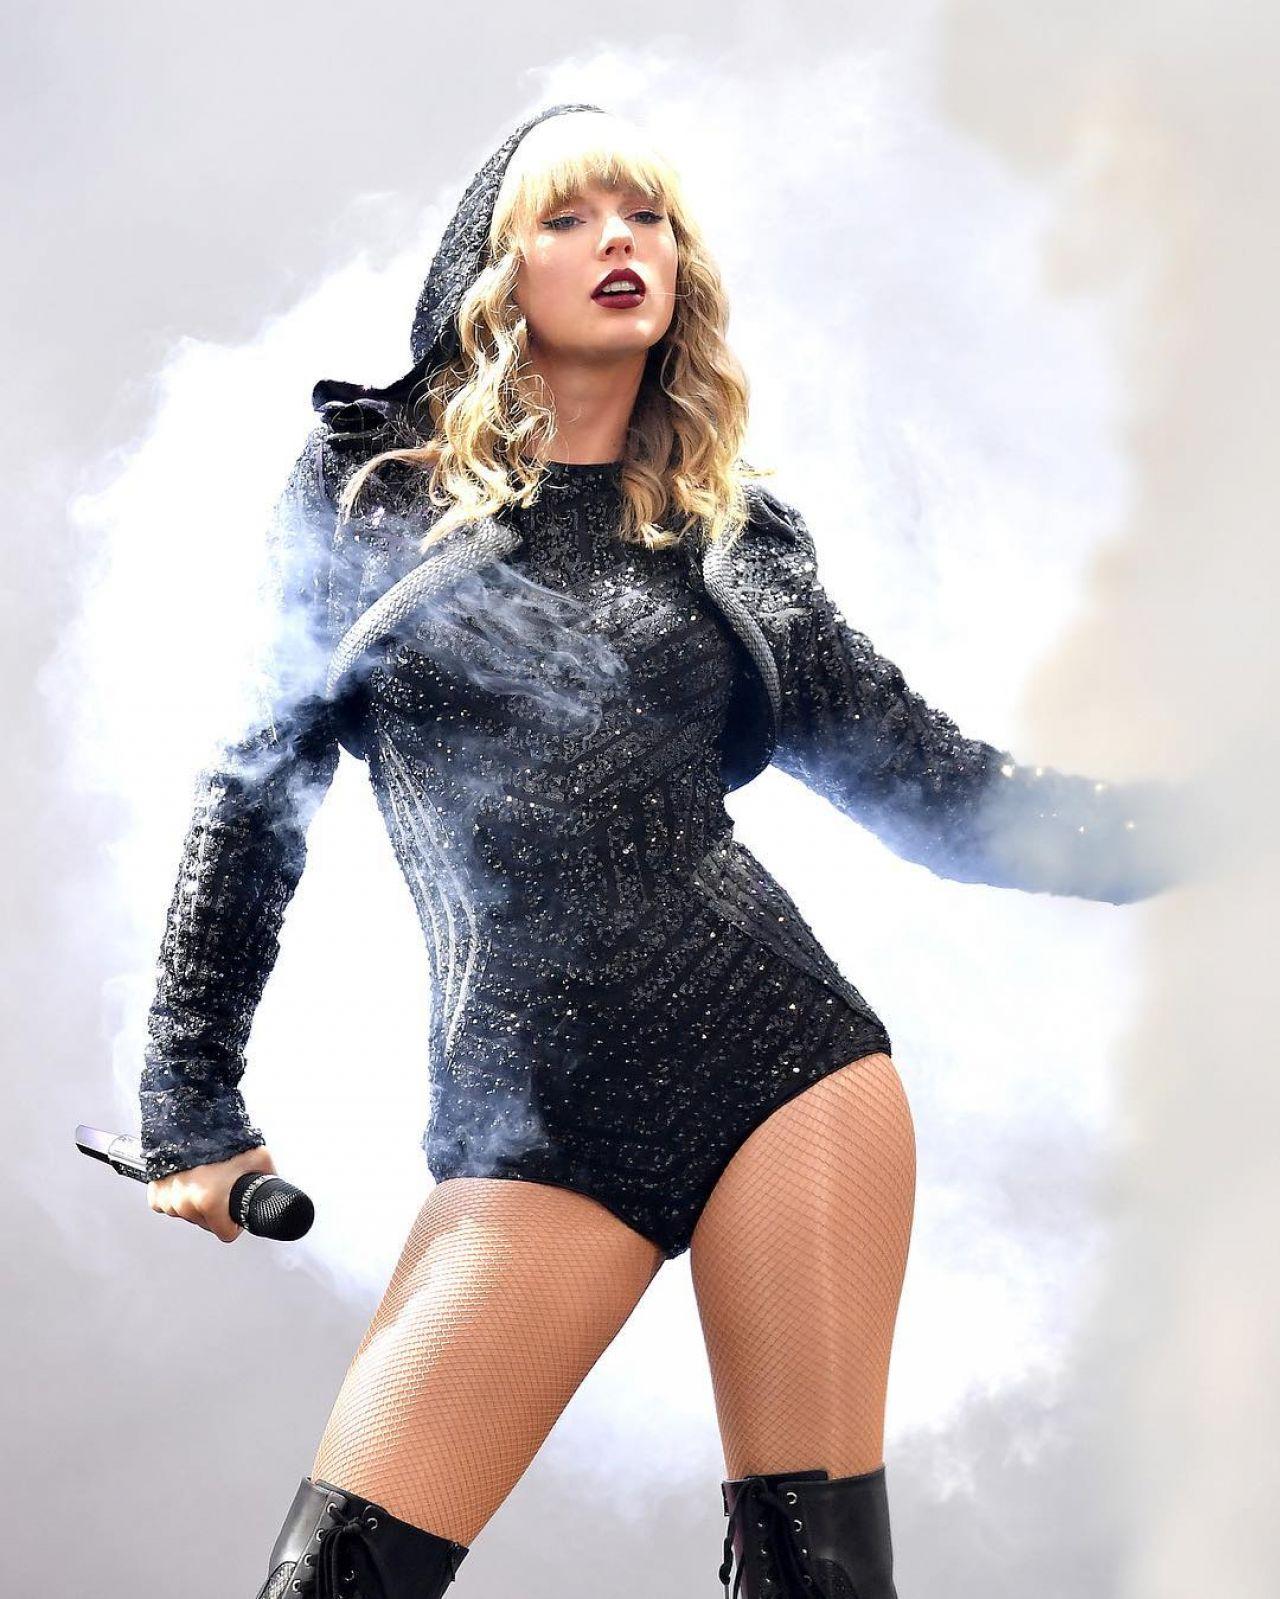 Taylor Swift - Social Media 06/16/2018 Taylor Swift